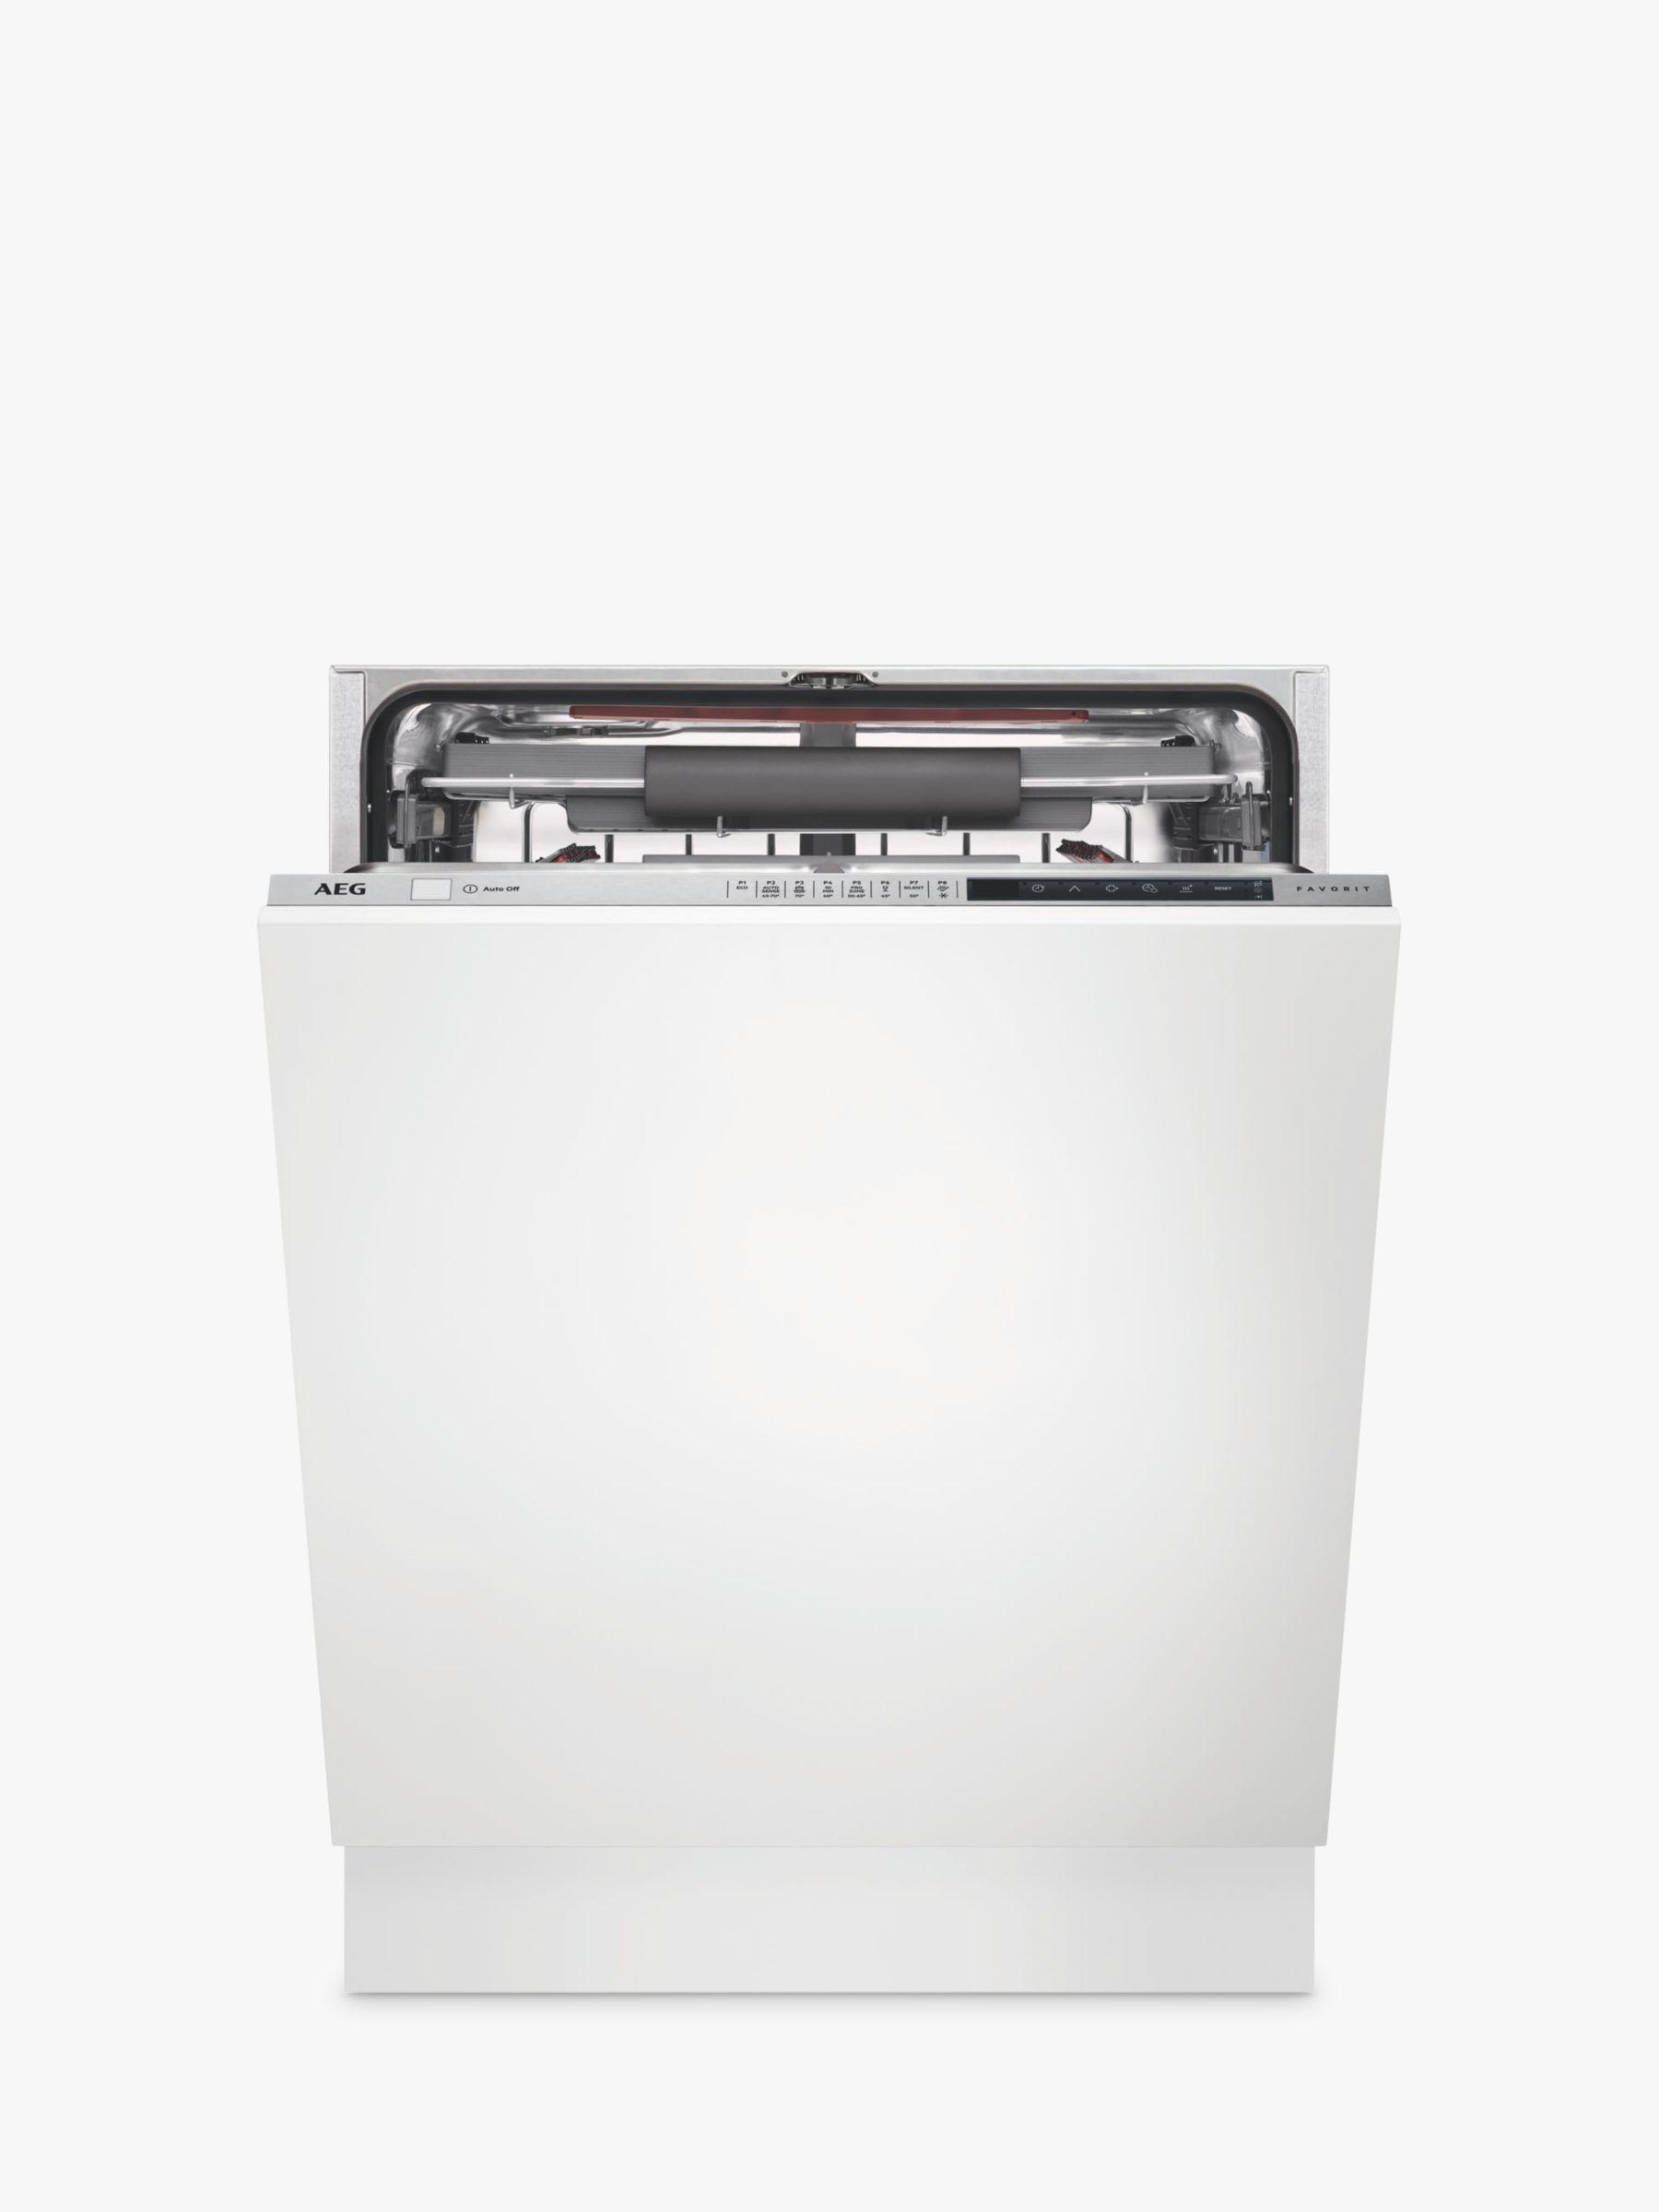 Aeg Fse83710p Integrated Dishwasher Stainless Steel At John Lewis